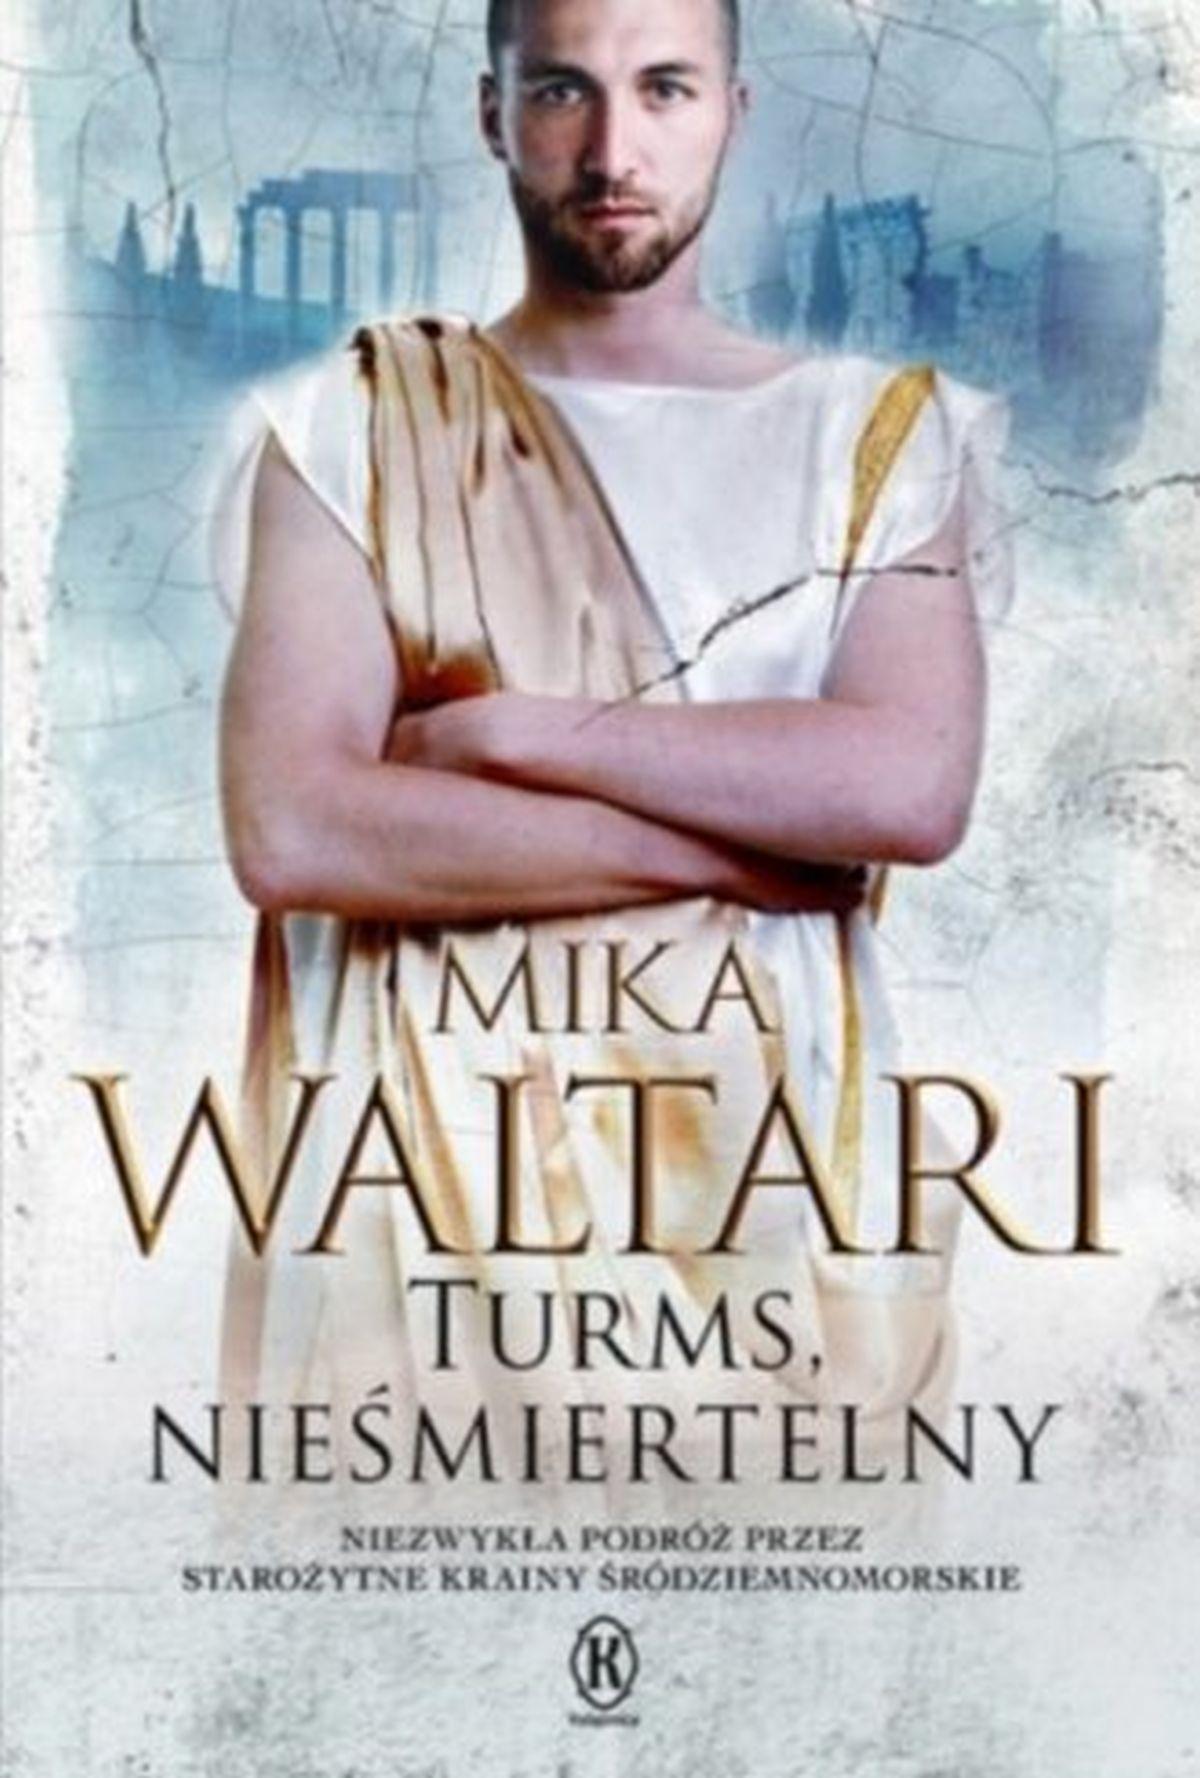 Mika Waltari, Turms, nieśmiertelny